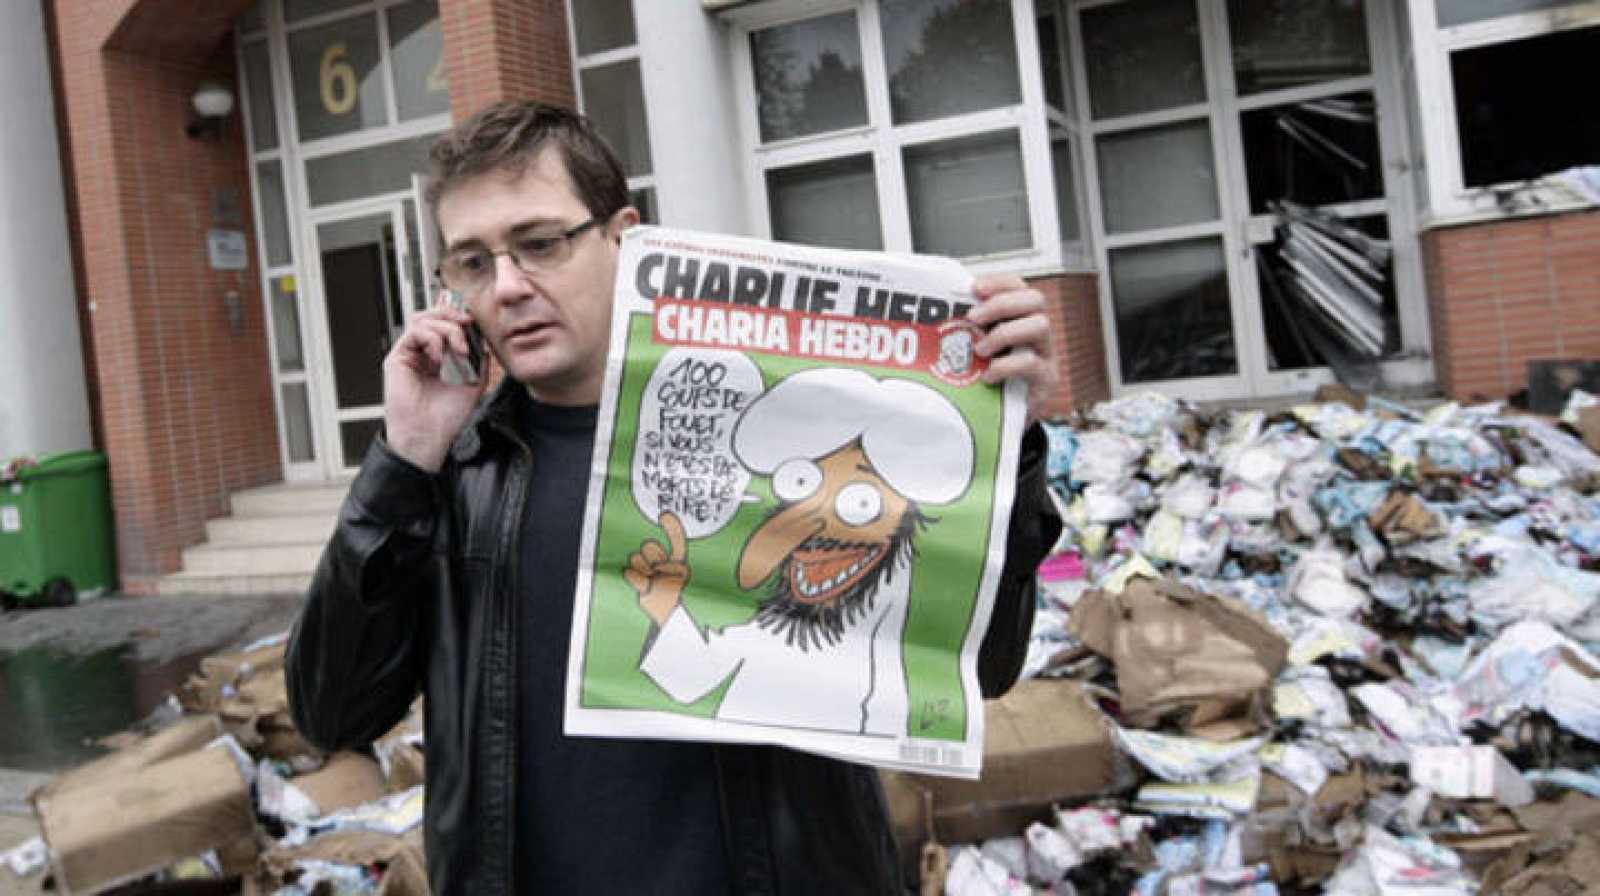 El editor de Charlie Hebdo, conocido como Charb, muestra un ejemplar del último número frente a la sede del diario que ha sido atacada